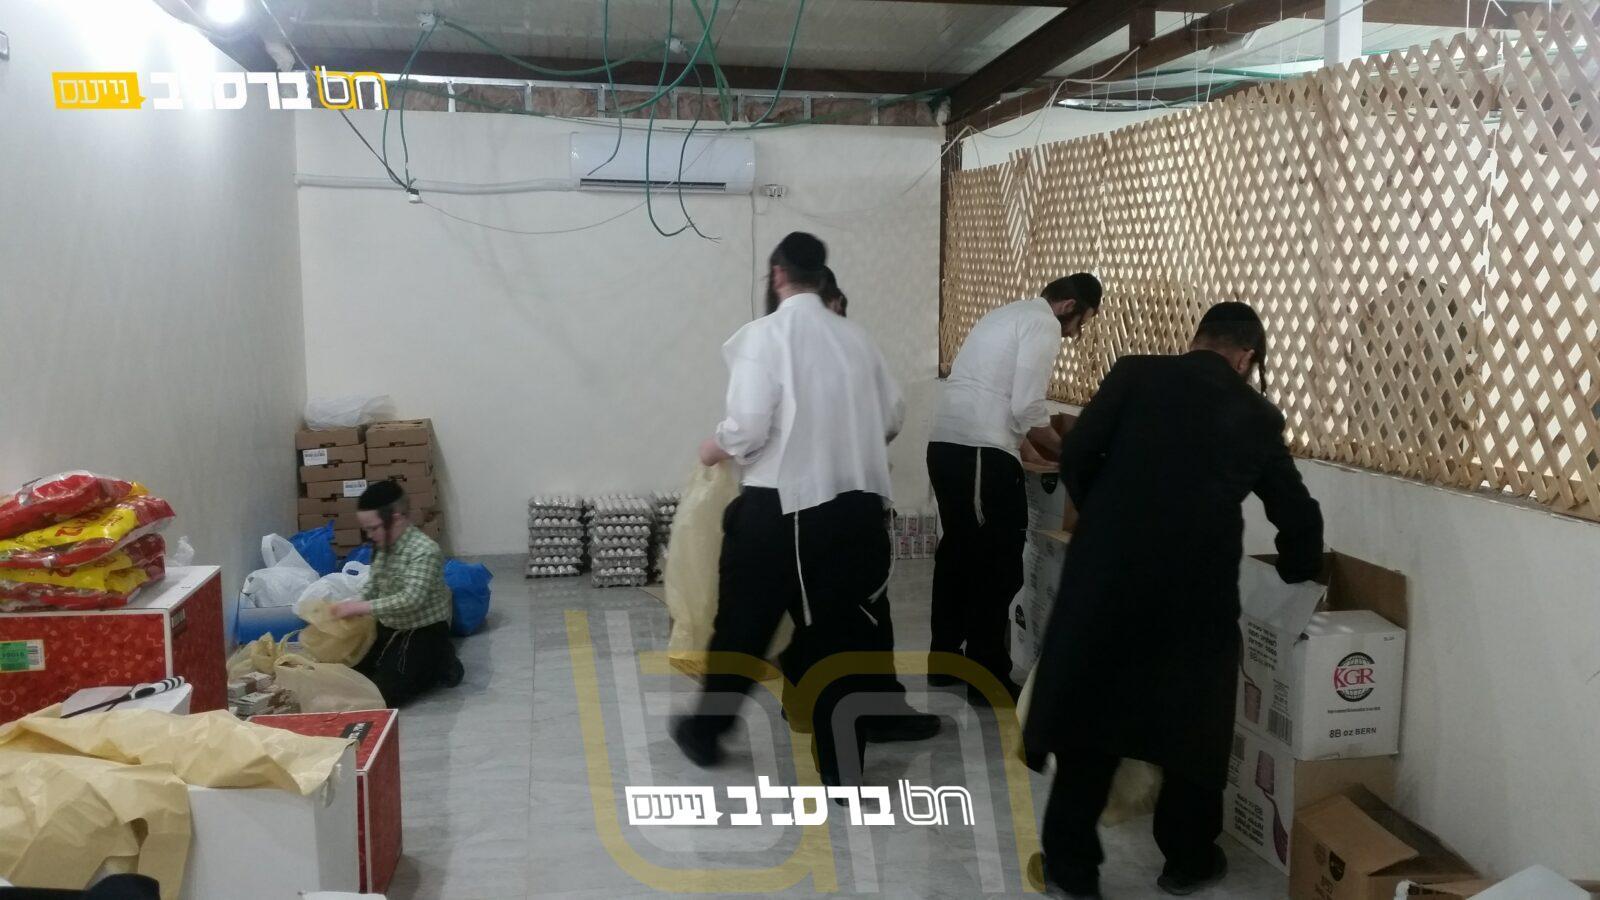 קִמְחָא דְפִּסְחָא • חלוקה בבית הכנסת ברסלב רמה ג 2 בית שמש